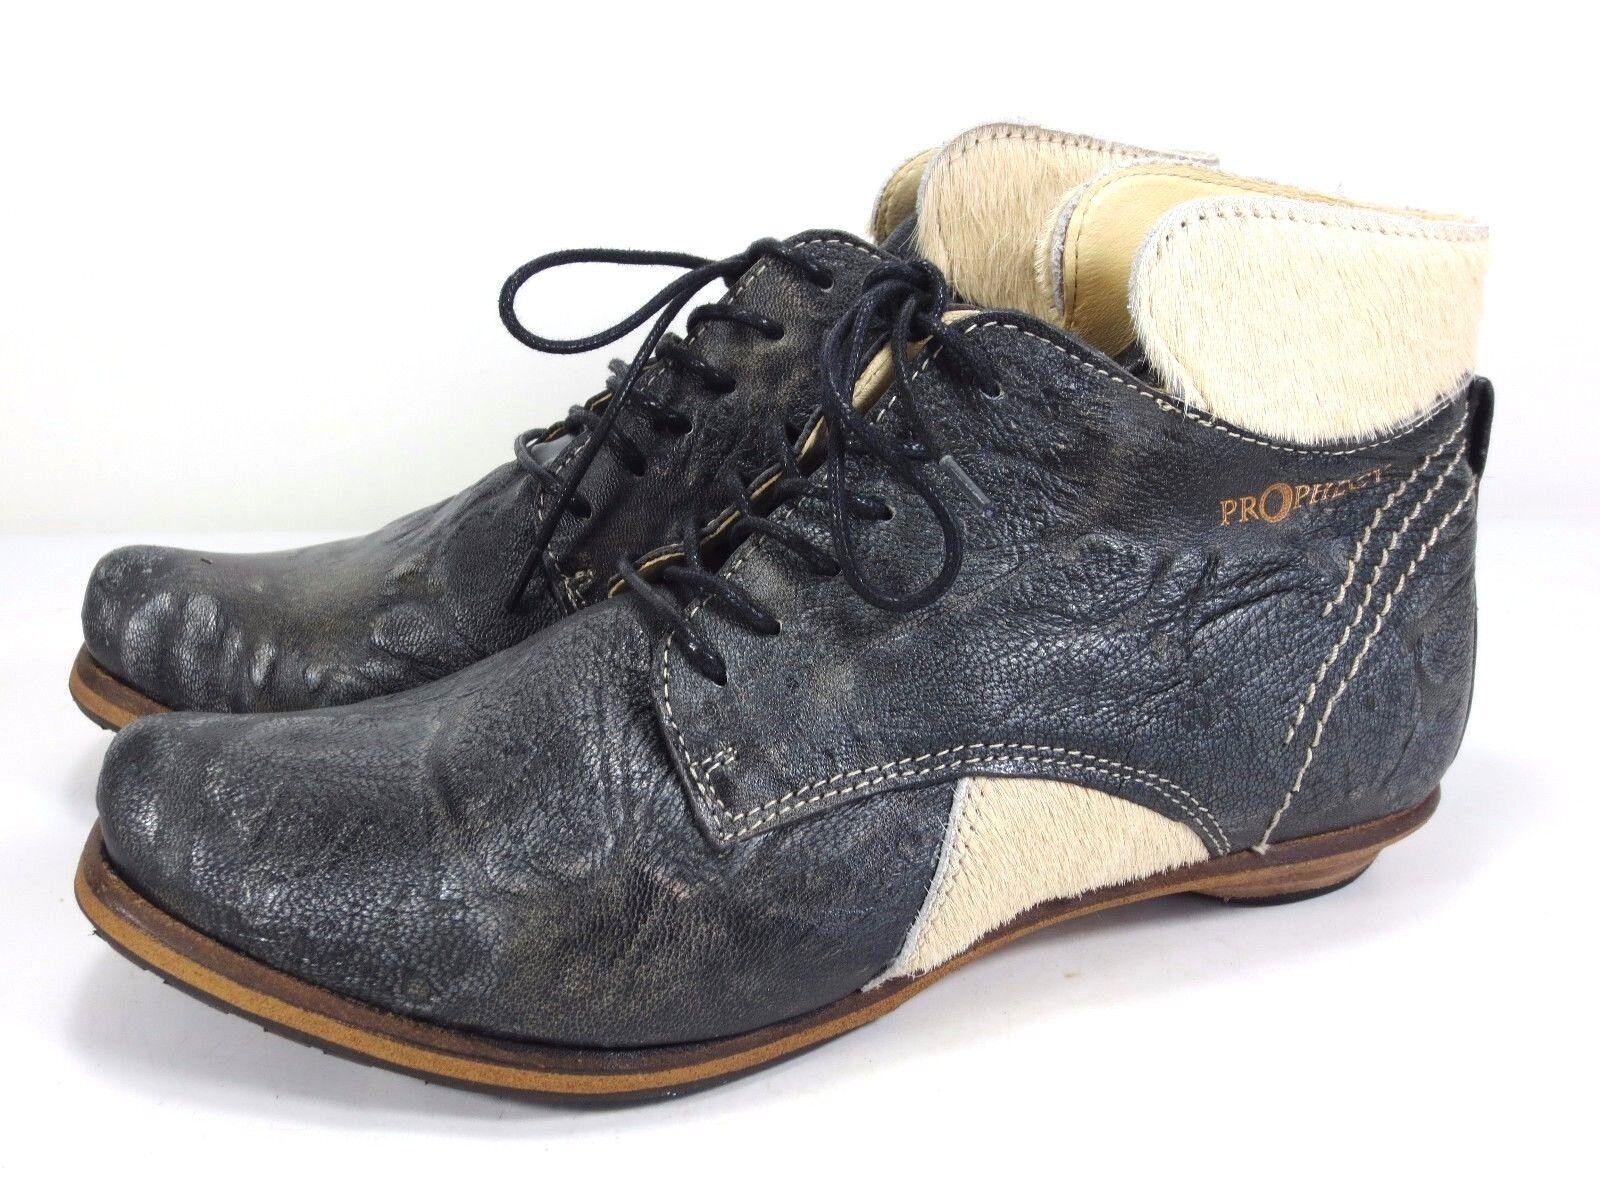 SALE PROPHECY ital Leder Schuhe Stiefel Fell Stiefeletten Lederfutter NEU 169,90